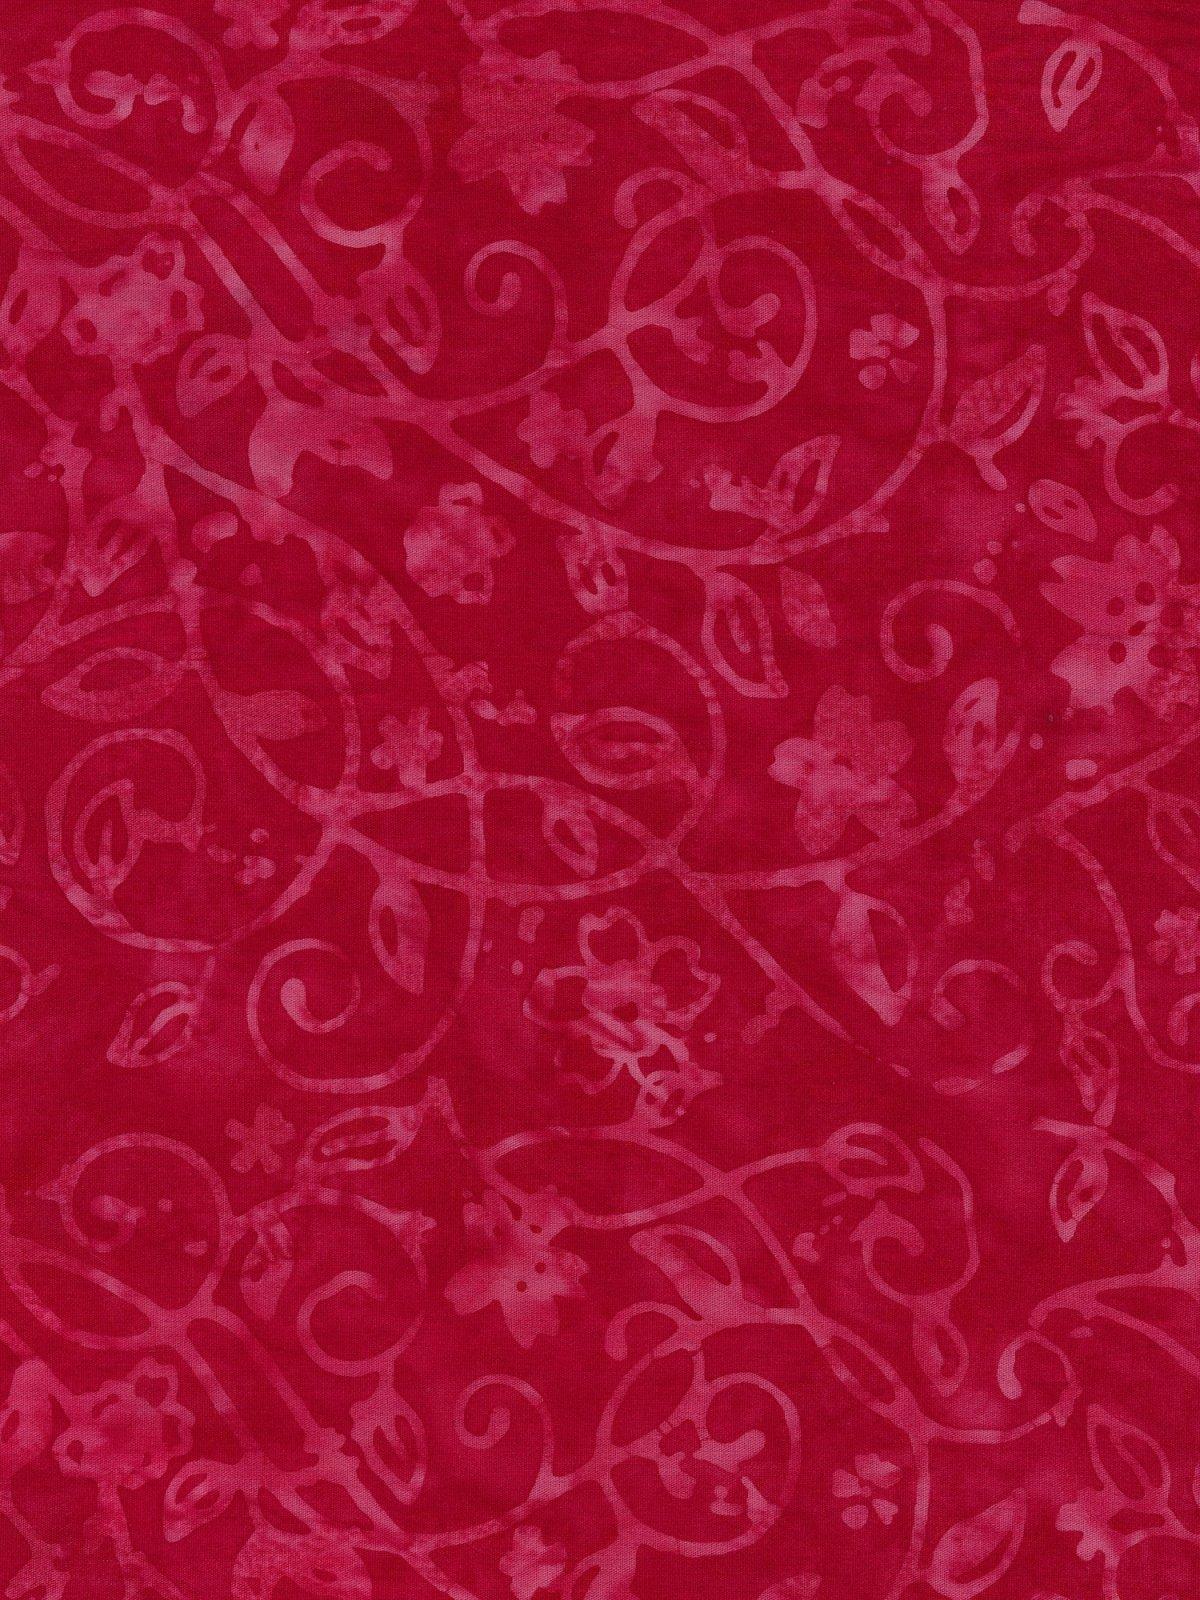 Majestic Batiks Spring Garden - 653